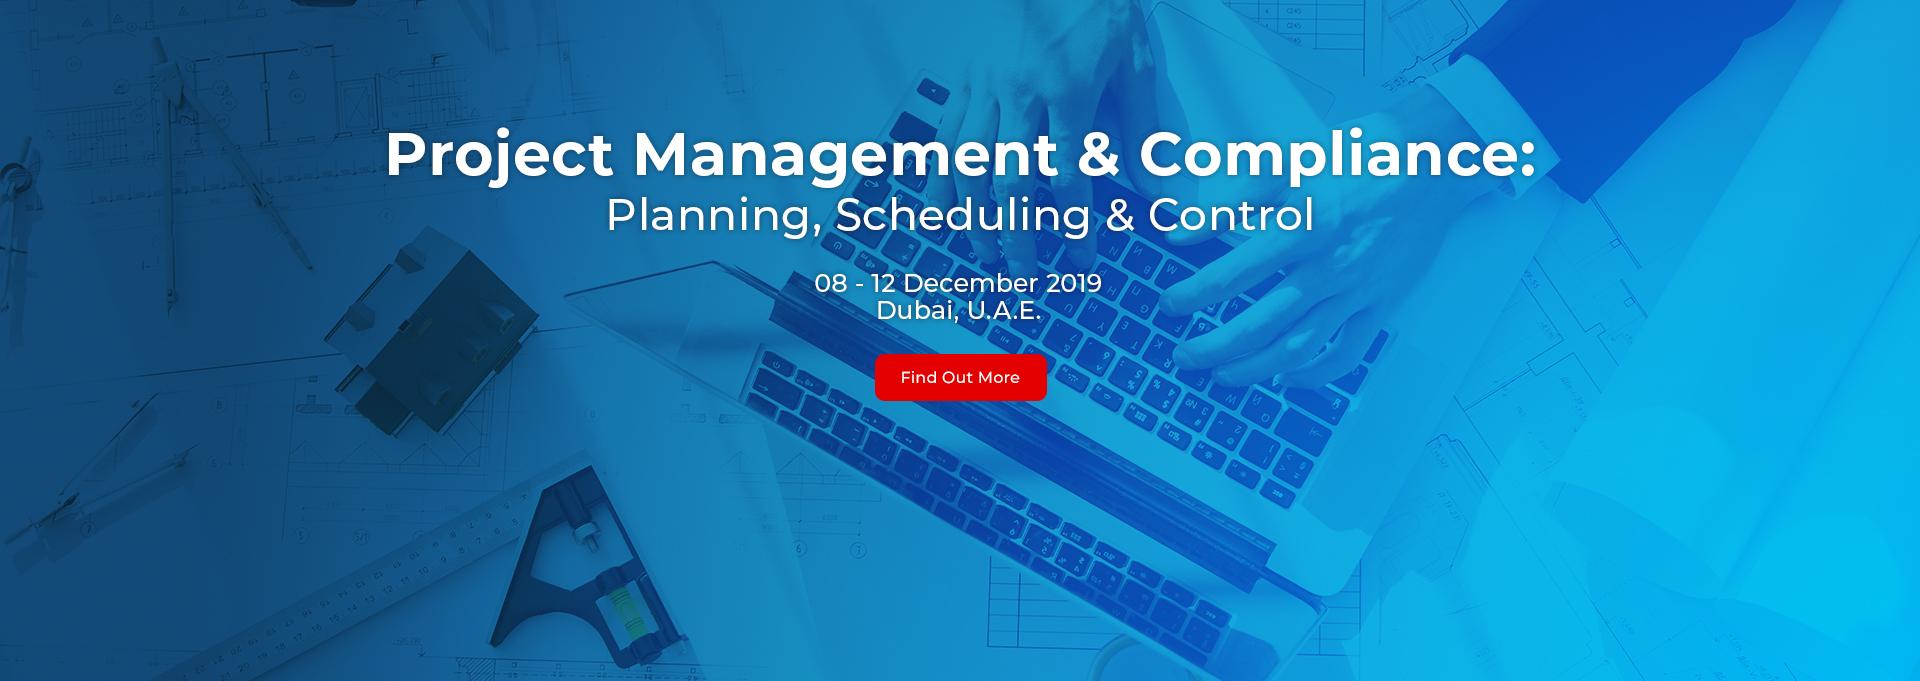 Project Management & Compliance